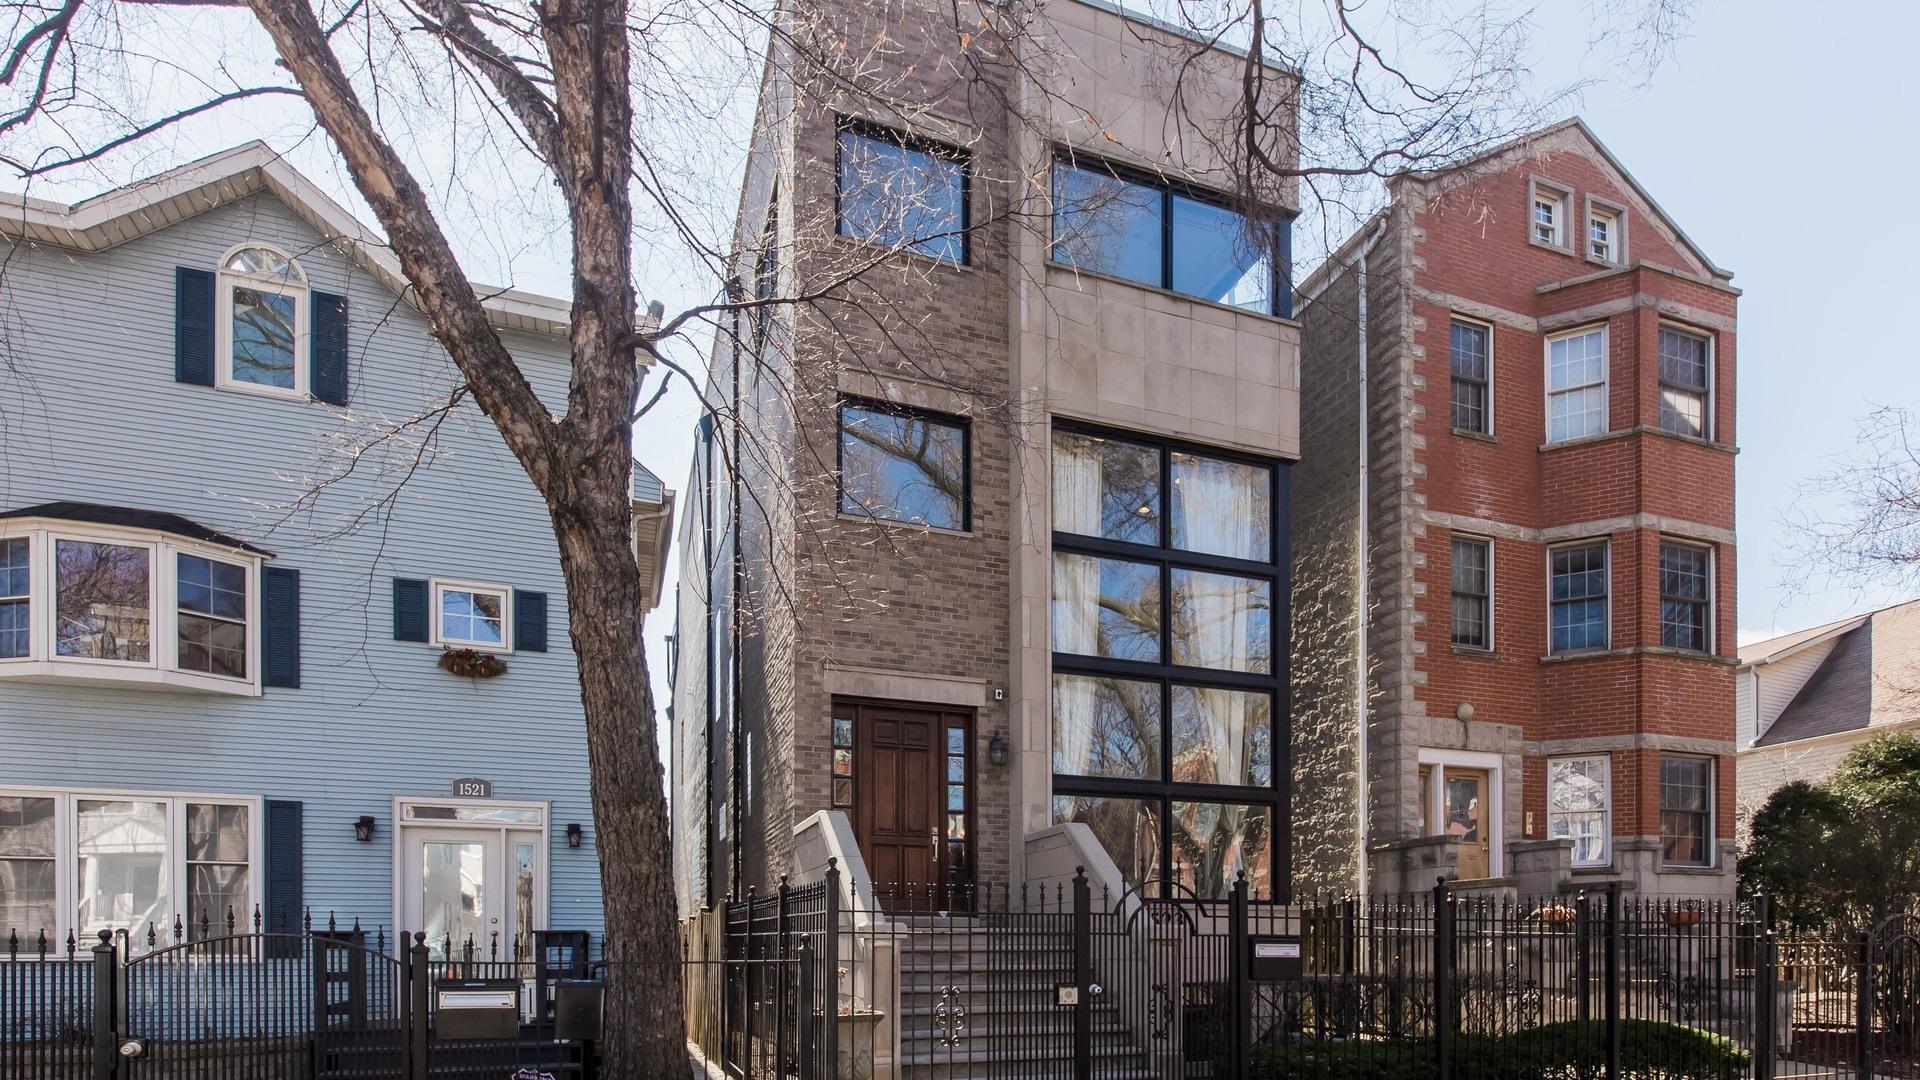 Μονοκατοικία για την Πώληση στο 1523 West School Street 1523 West School Street Chicago, Ιλινοϊσ,60657 Ηνωμενεσ Πολιτειεσ